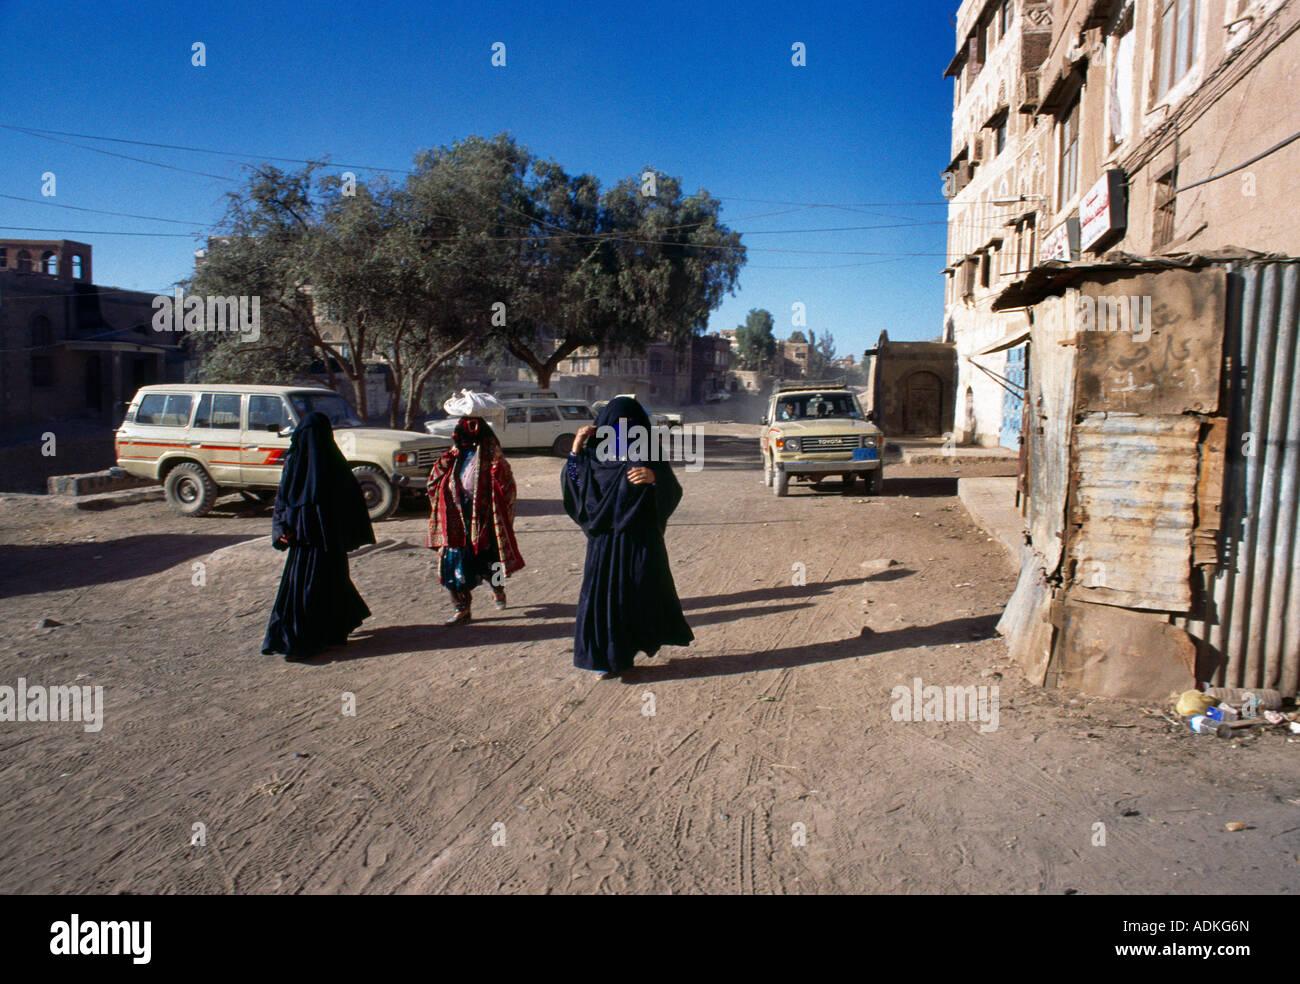 Sana'a Yemen Women In The Street - Stock Image